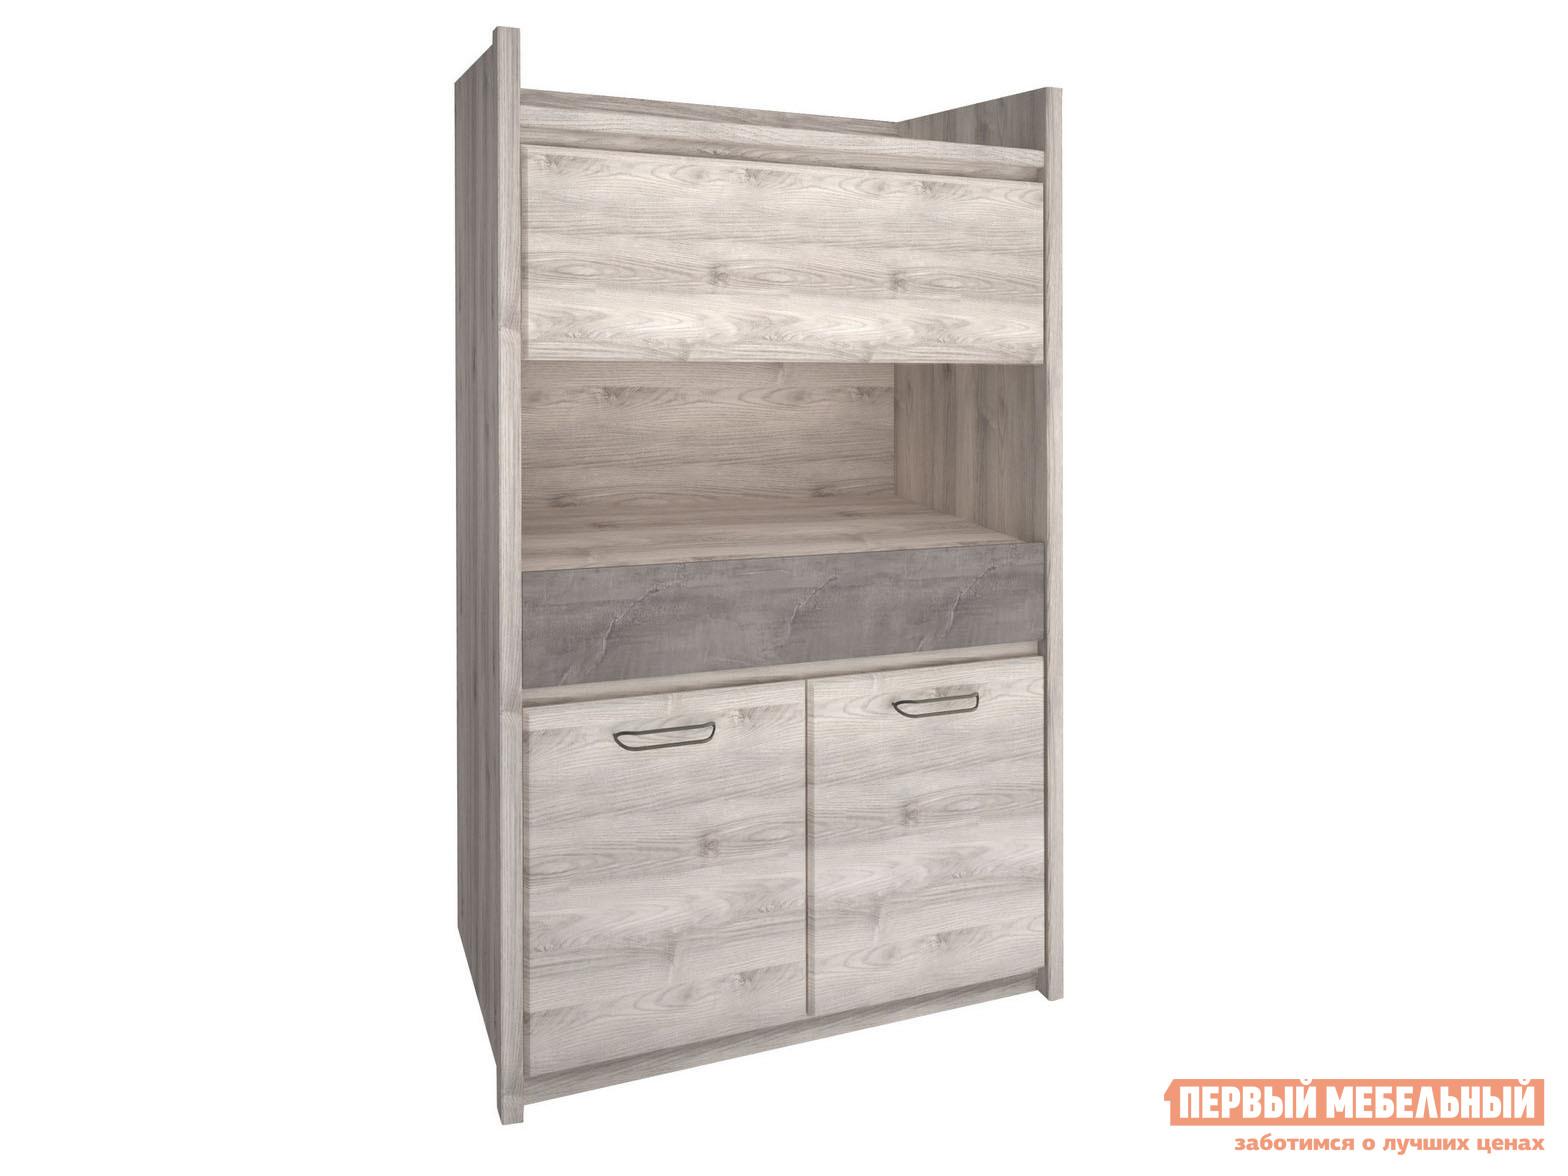 Шкаф-витрина Первый Мебельный Шкаф-витрина низкий 2 Джаз шкаф витрина timberica шкаф книжный айно 2